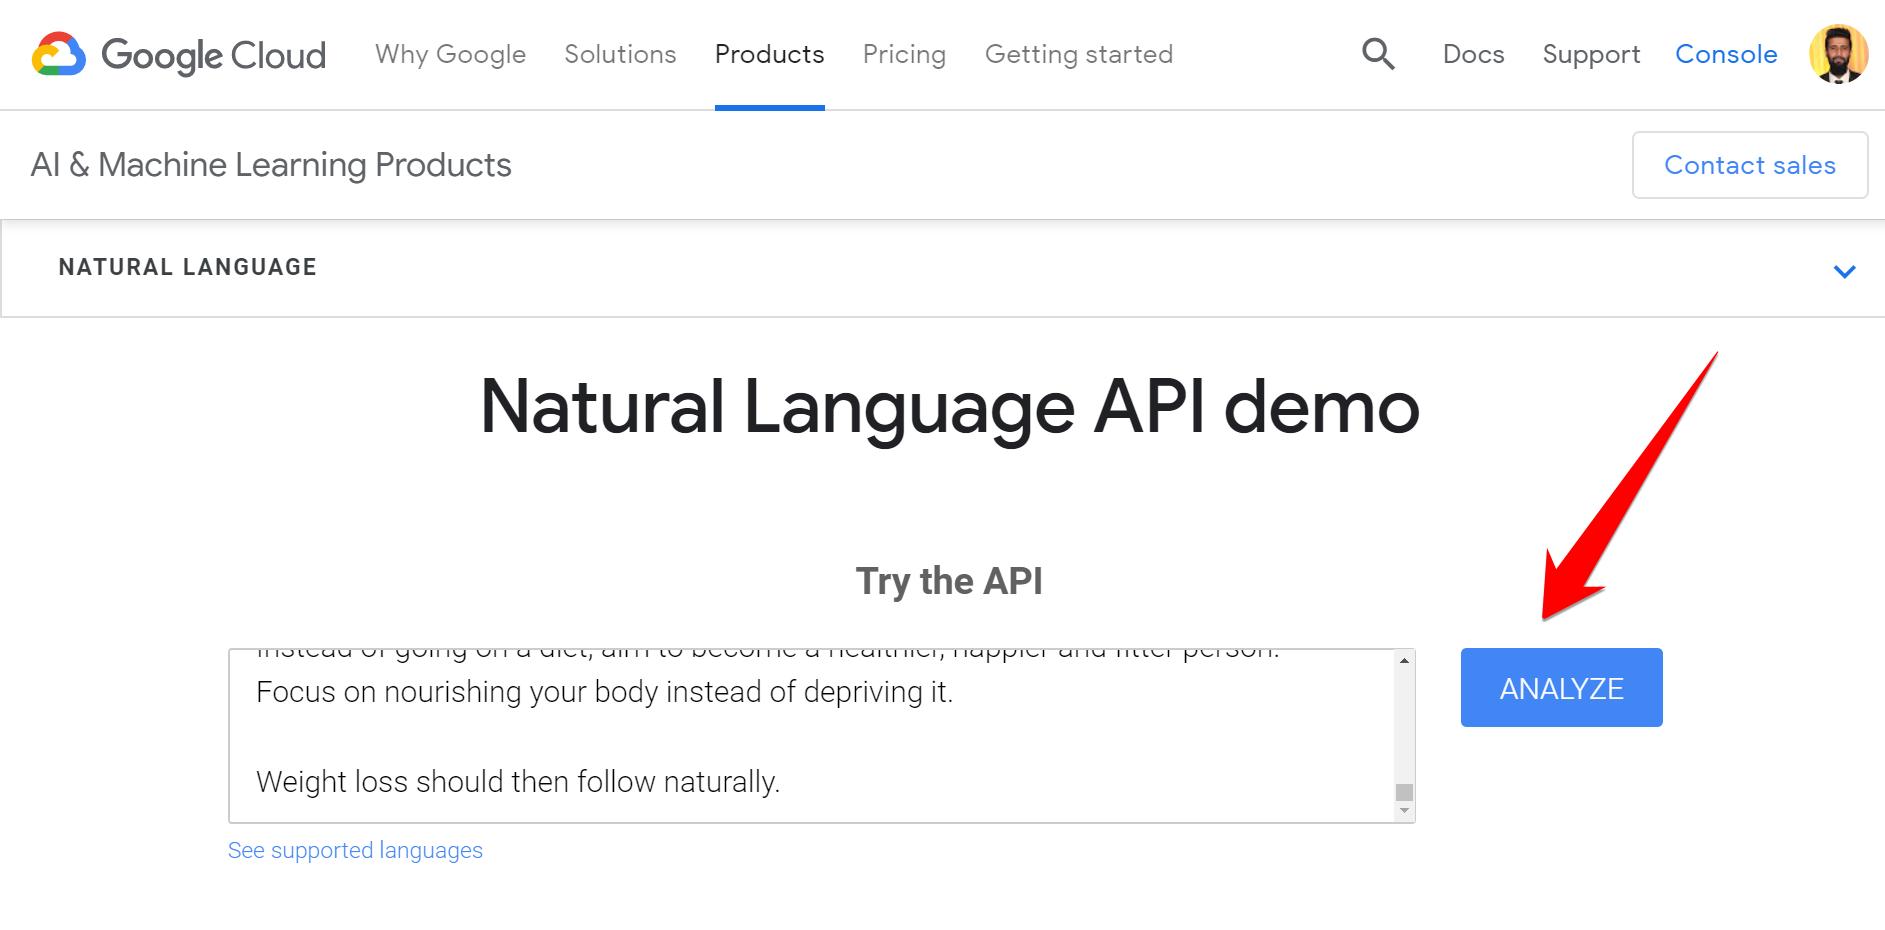 Natural Language API demo analyse